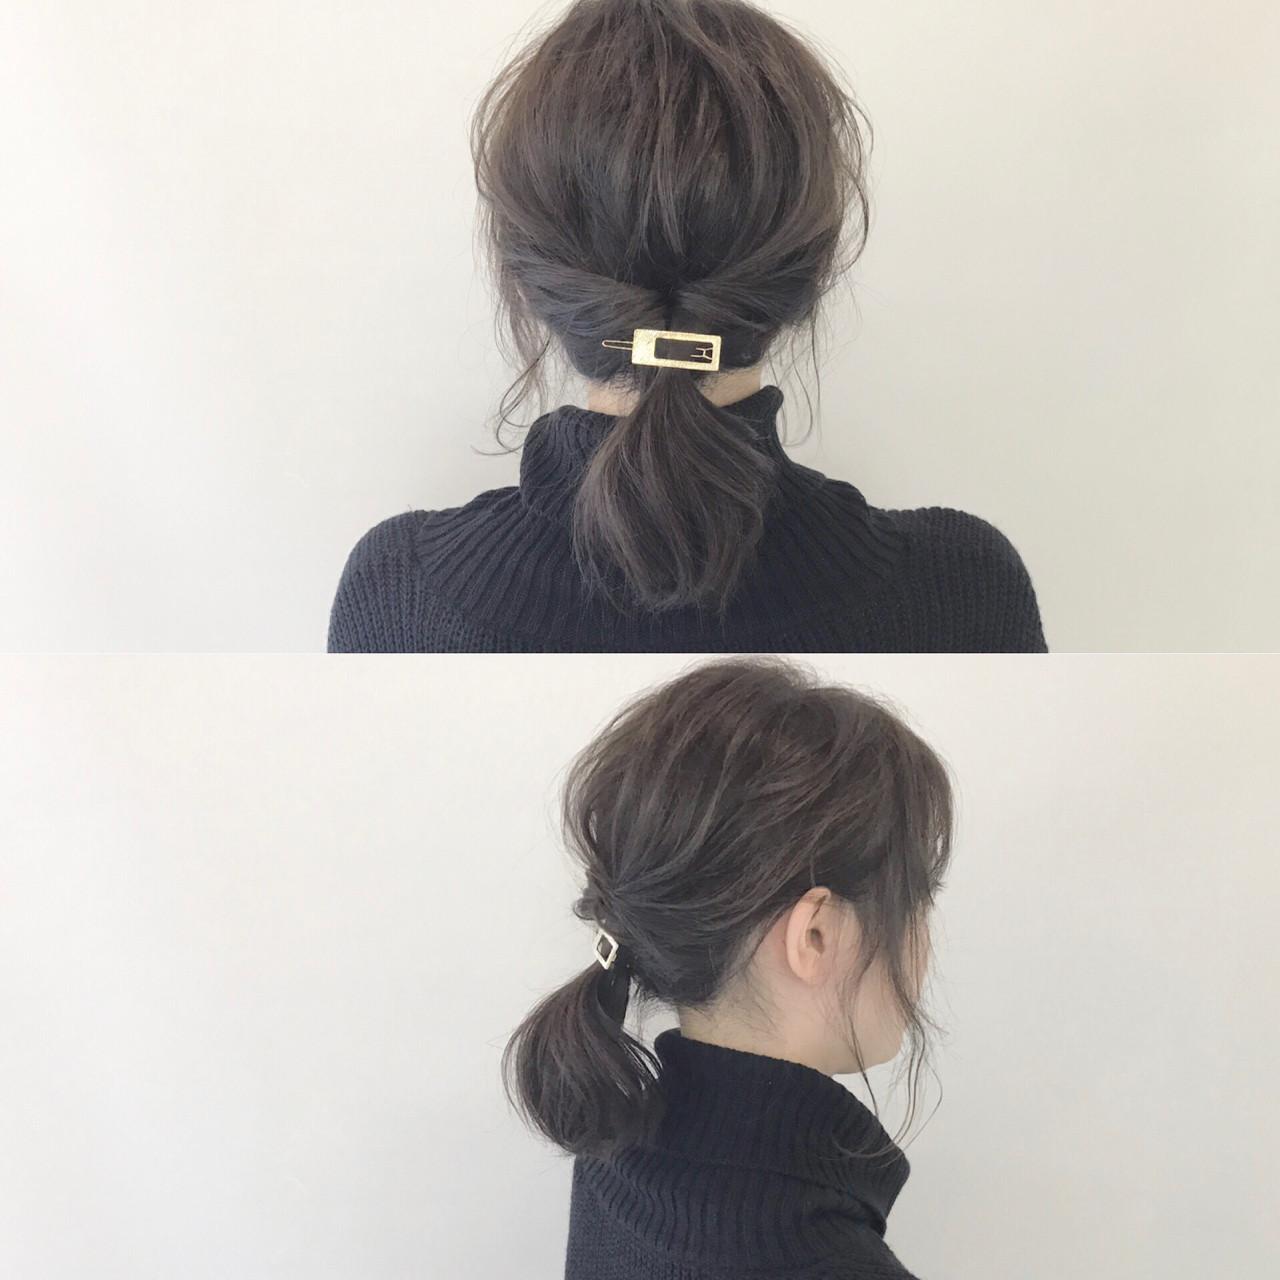 忙しいママにおすすめのヘアスタイル!時短で大人可愛くできる髪型